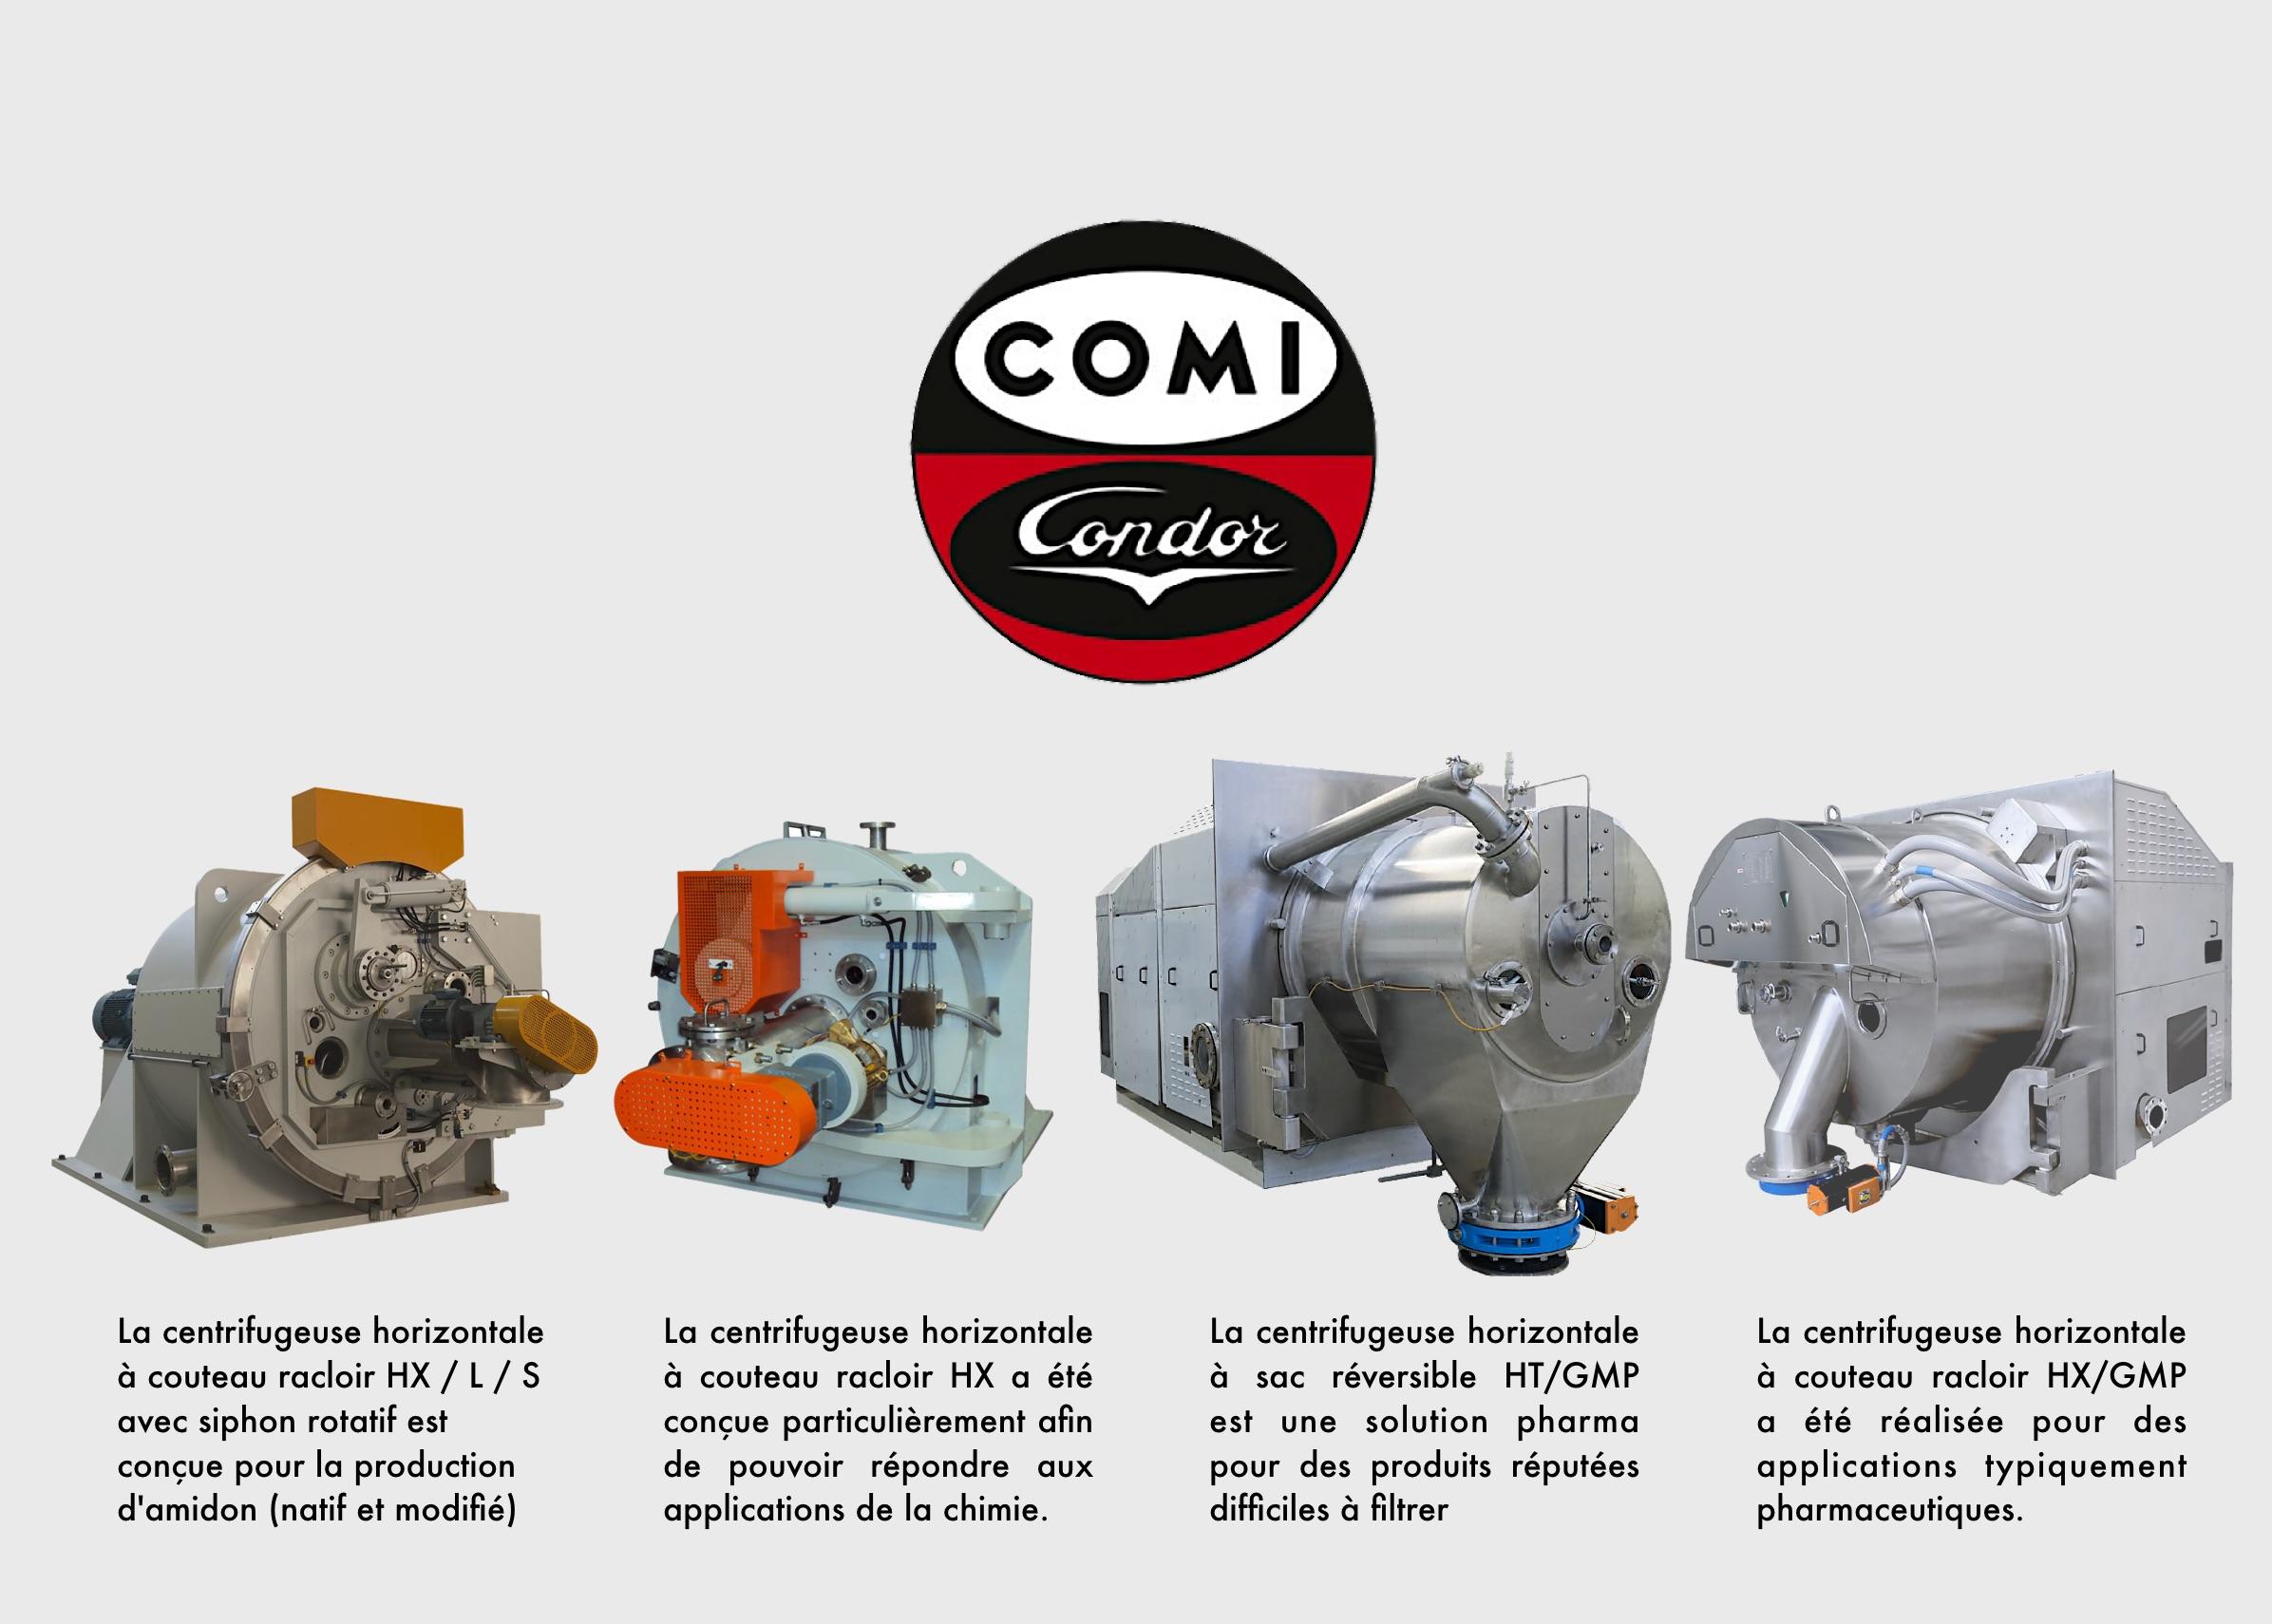 Comi Condor - Milan.jpg